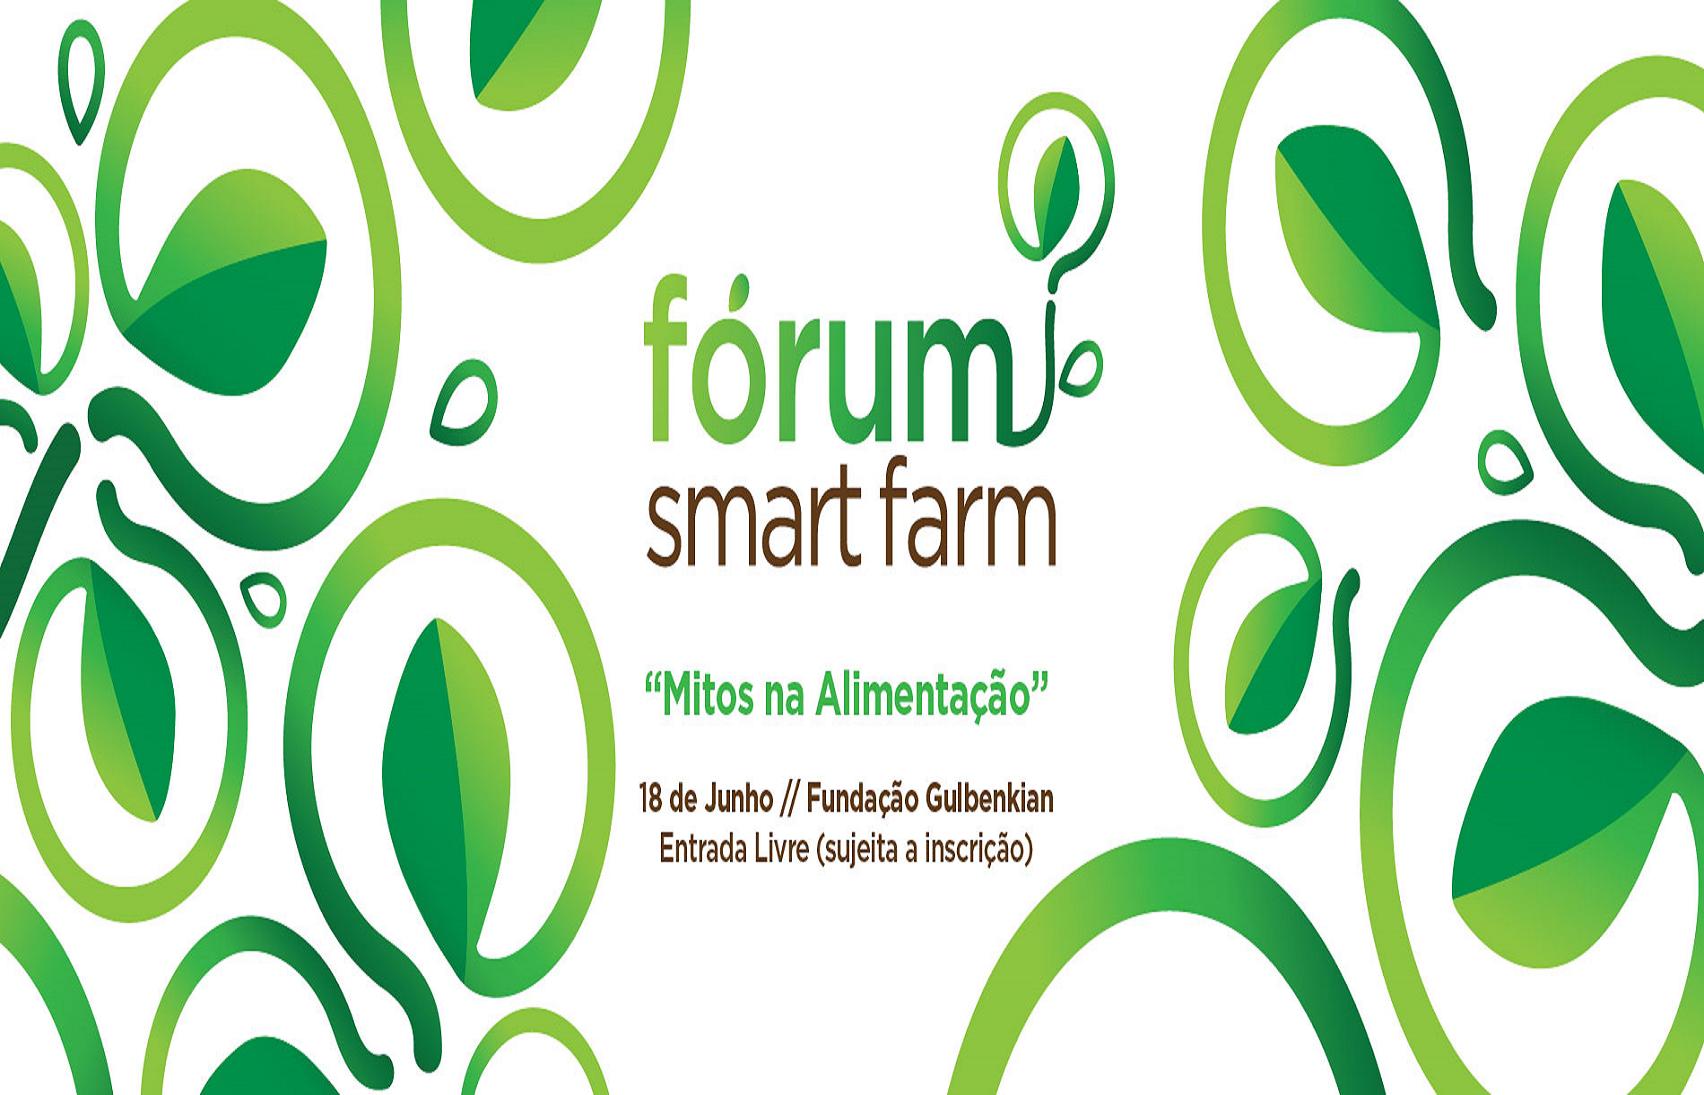 Mitos na Alimentação - II Fórum Smart Farm